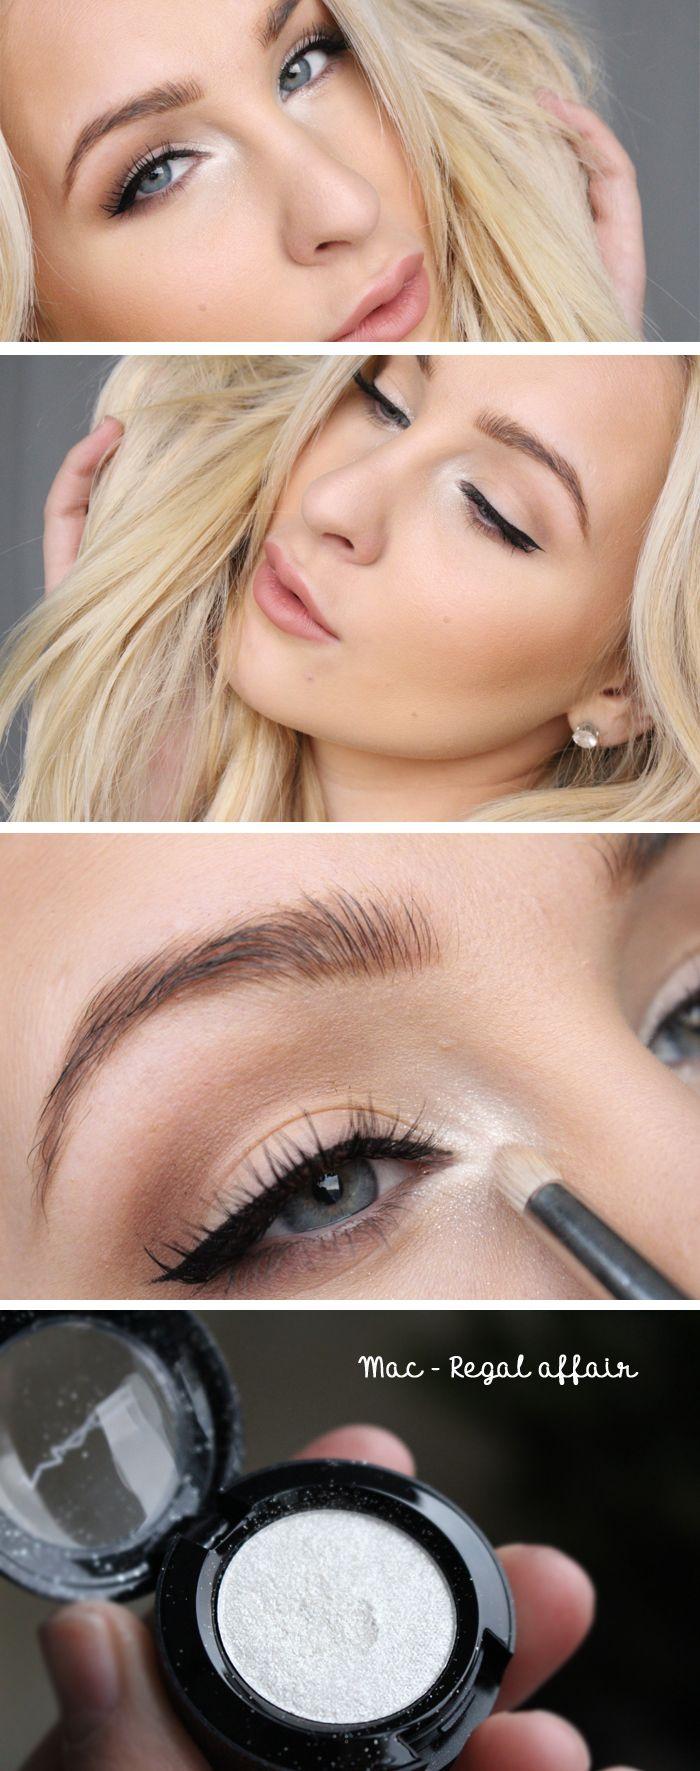 sminktips-piggare-ögon-öppnare-blick-större-ögon-highlight-hiilen-sminkblogg-skönhetsblogg